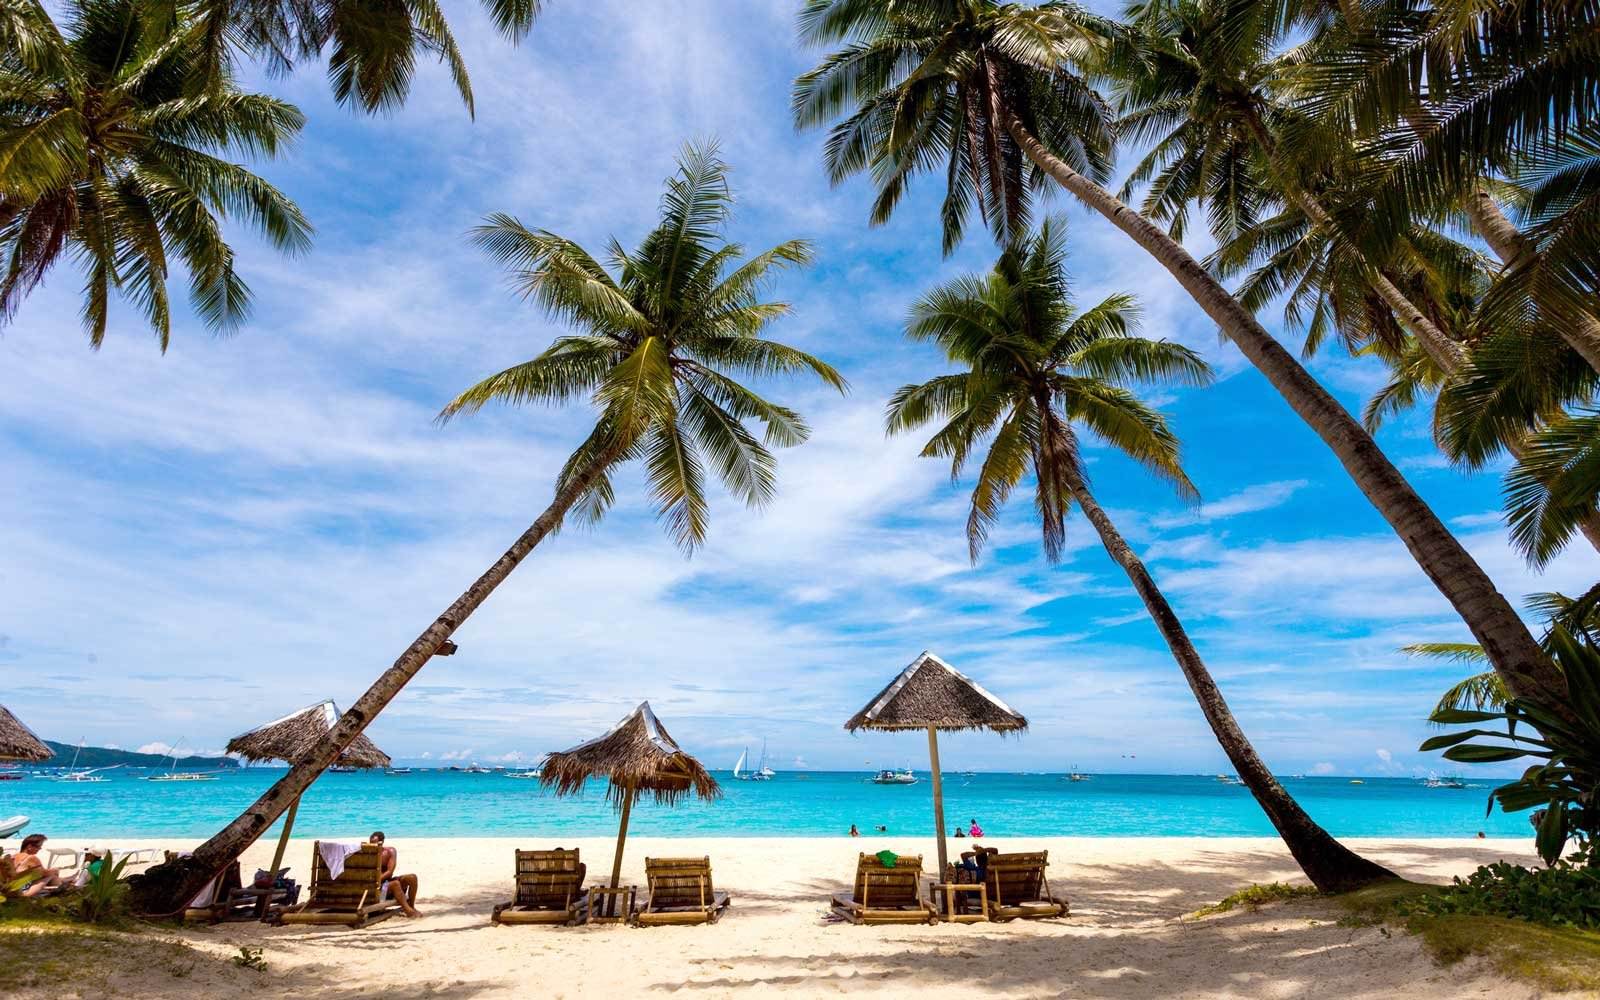 Лучшие пляжи острова Барокай, Филиппины